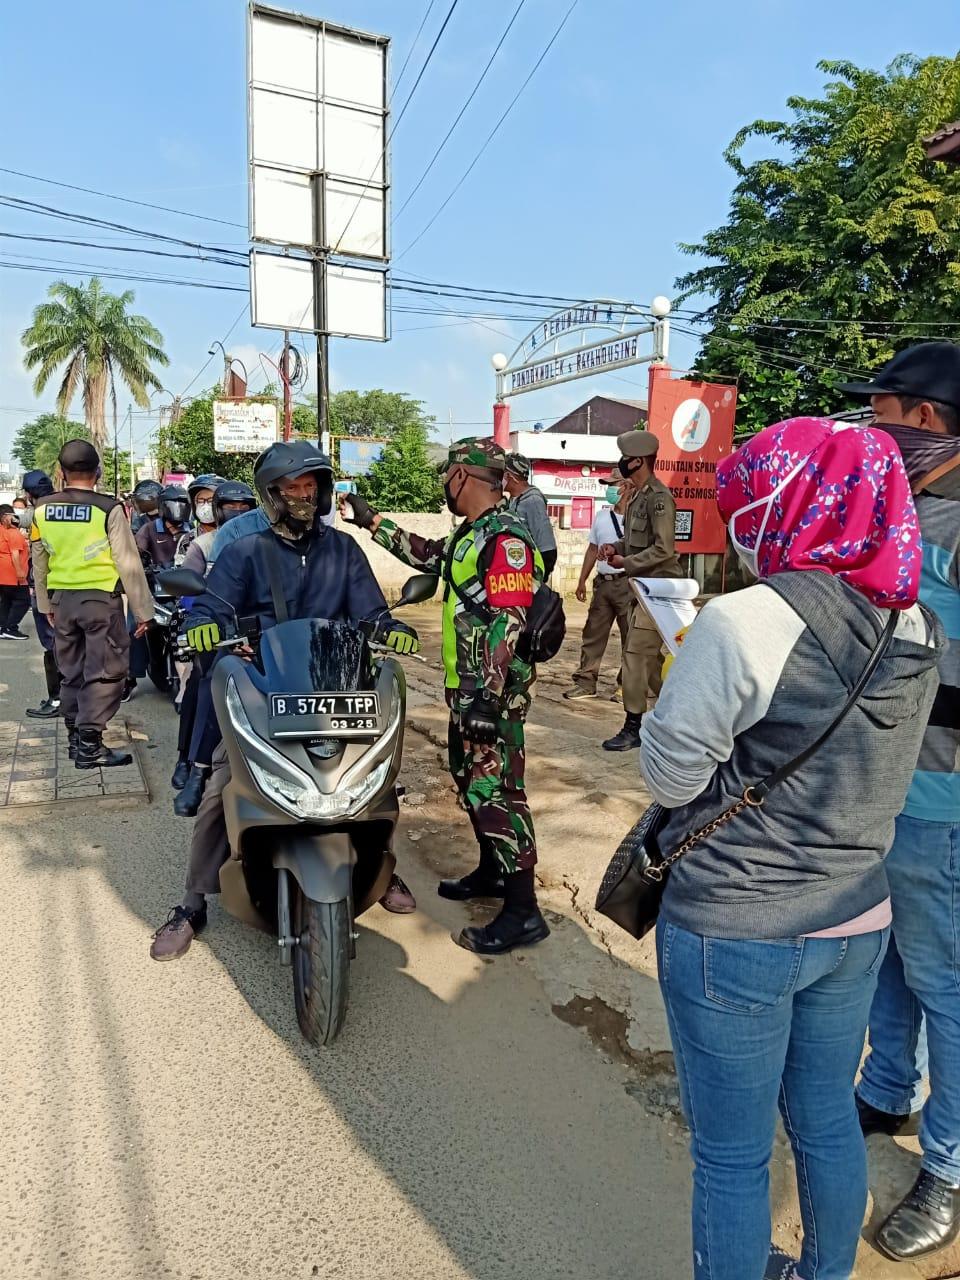 Pemantauan PSBB Bersama 3 Pilar Di Perbatasan Pondok Gede Dan Jakarta Timur Oleh Babinsa Koramil 02/Pondok Gede